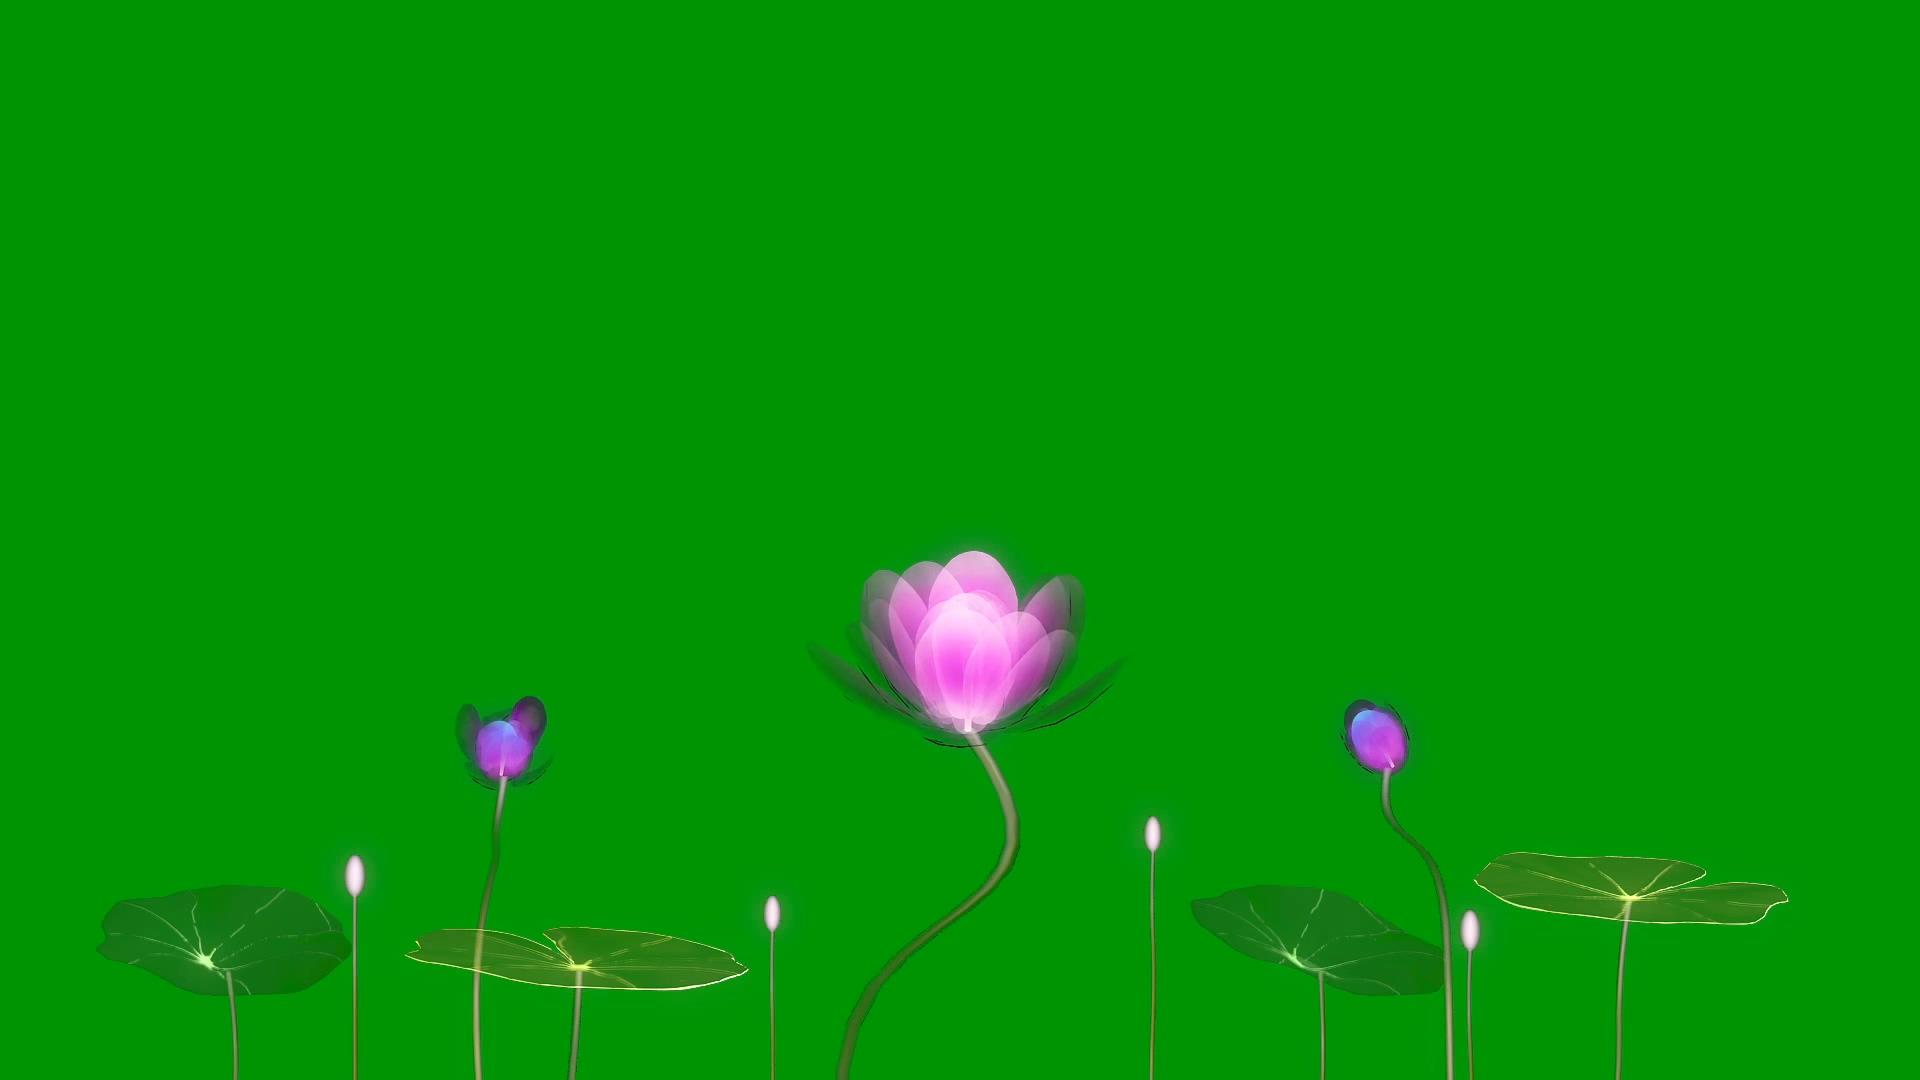 绿屏抠像盛开的荷花荷叶